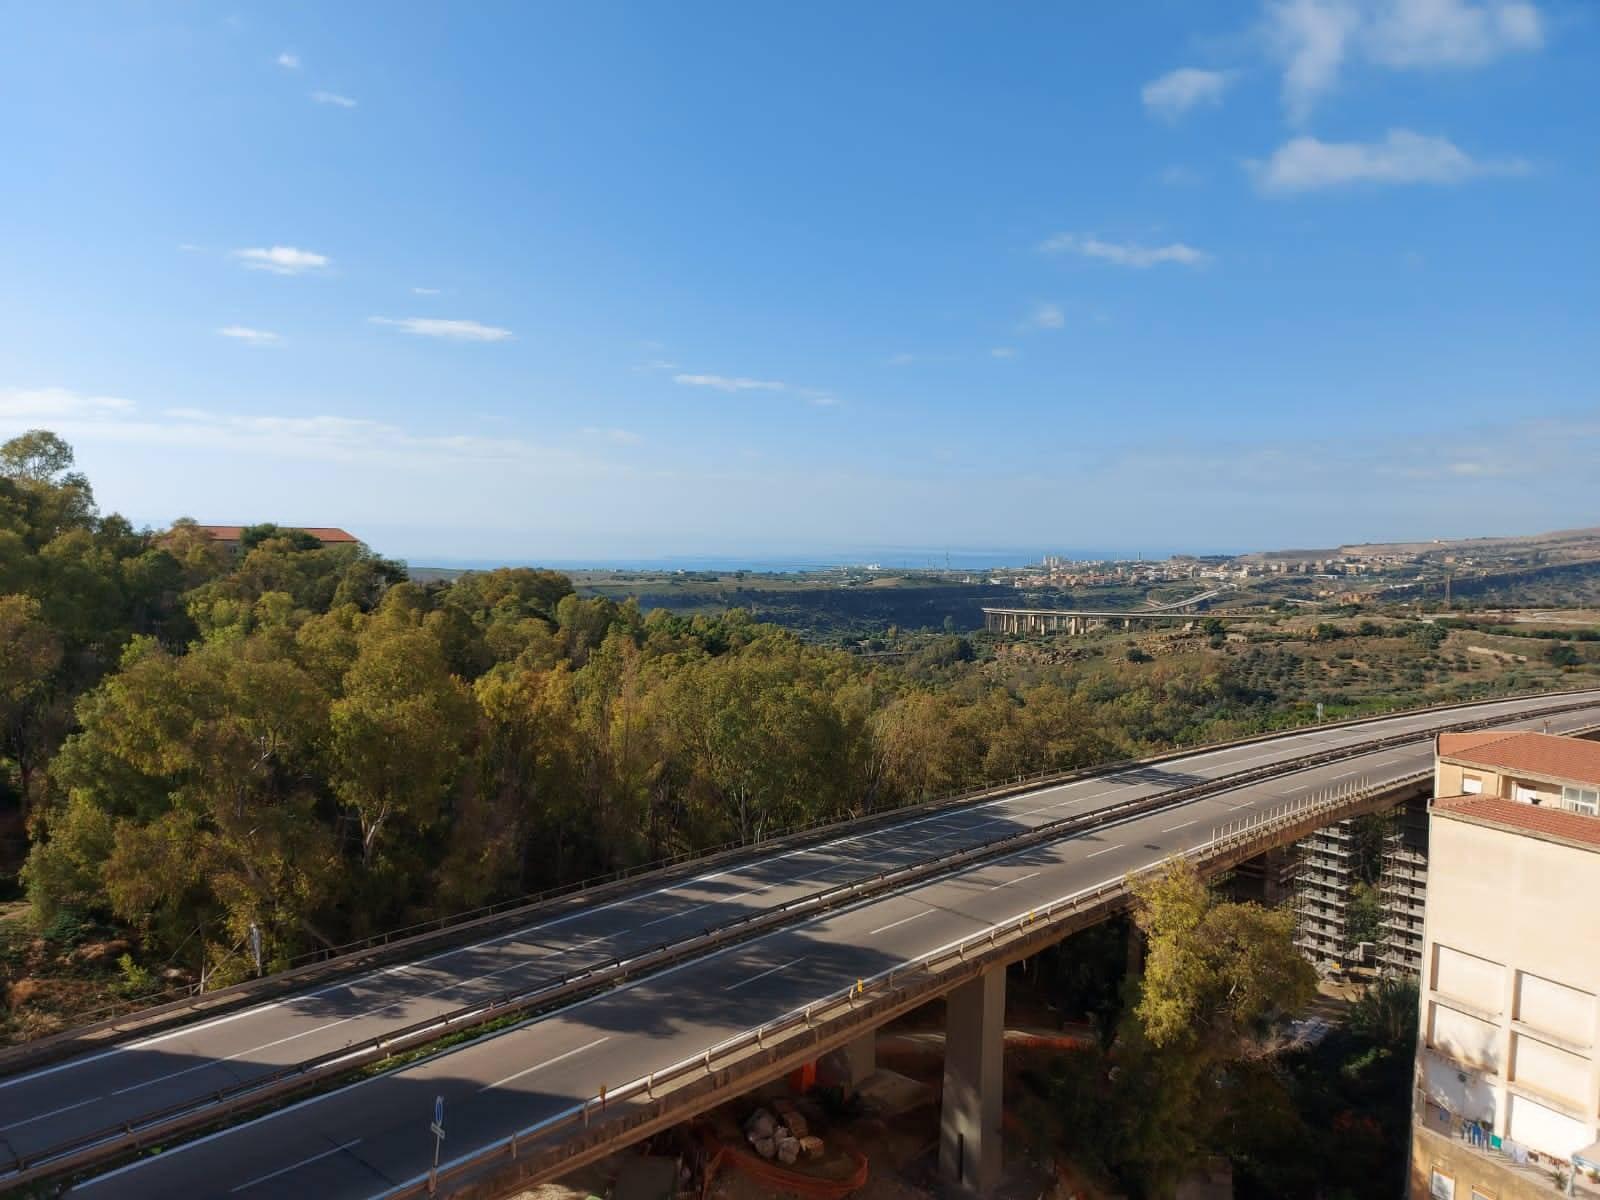 Appartamento in vendita a Agrigento, 3 locali, zona Località: CAMPO, prezzo € 75.000 | CambioCasa.it